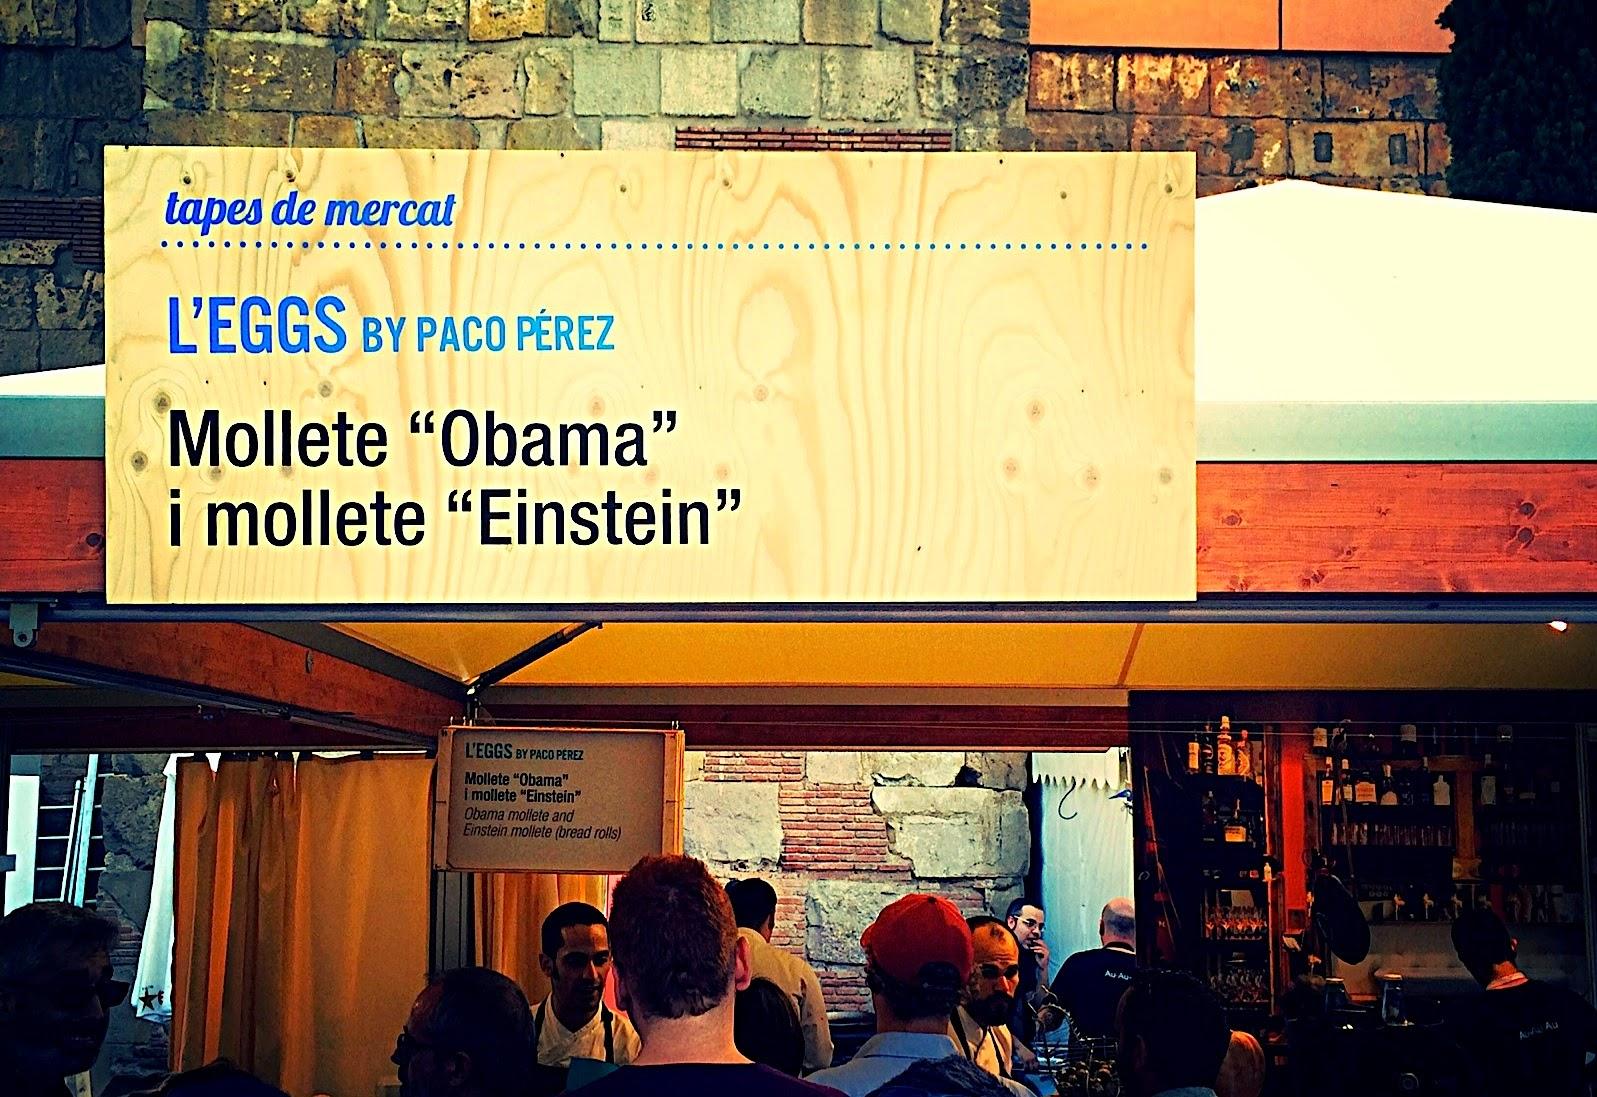 Mercat de Mercats 2014. La gran fiesta del producto y la gastronomía de Barcelona